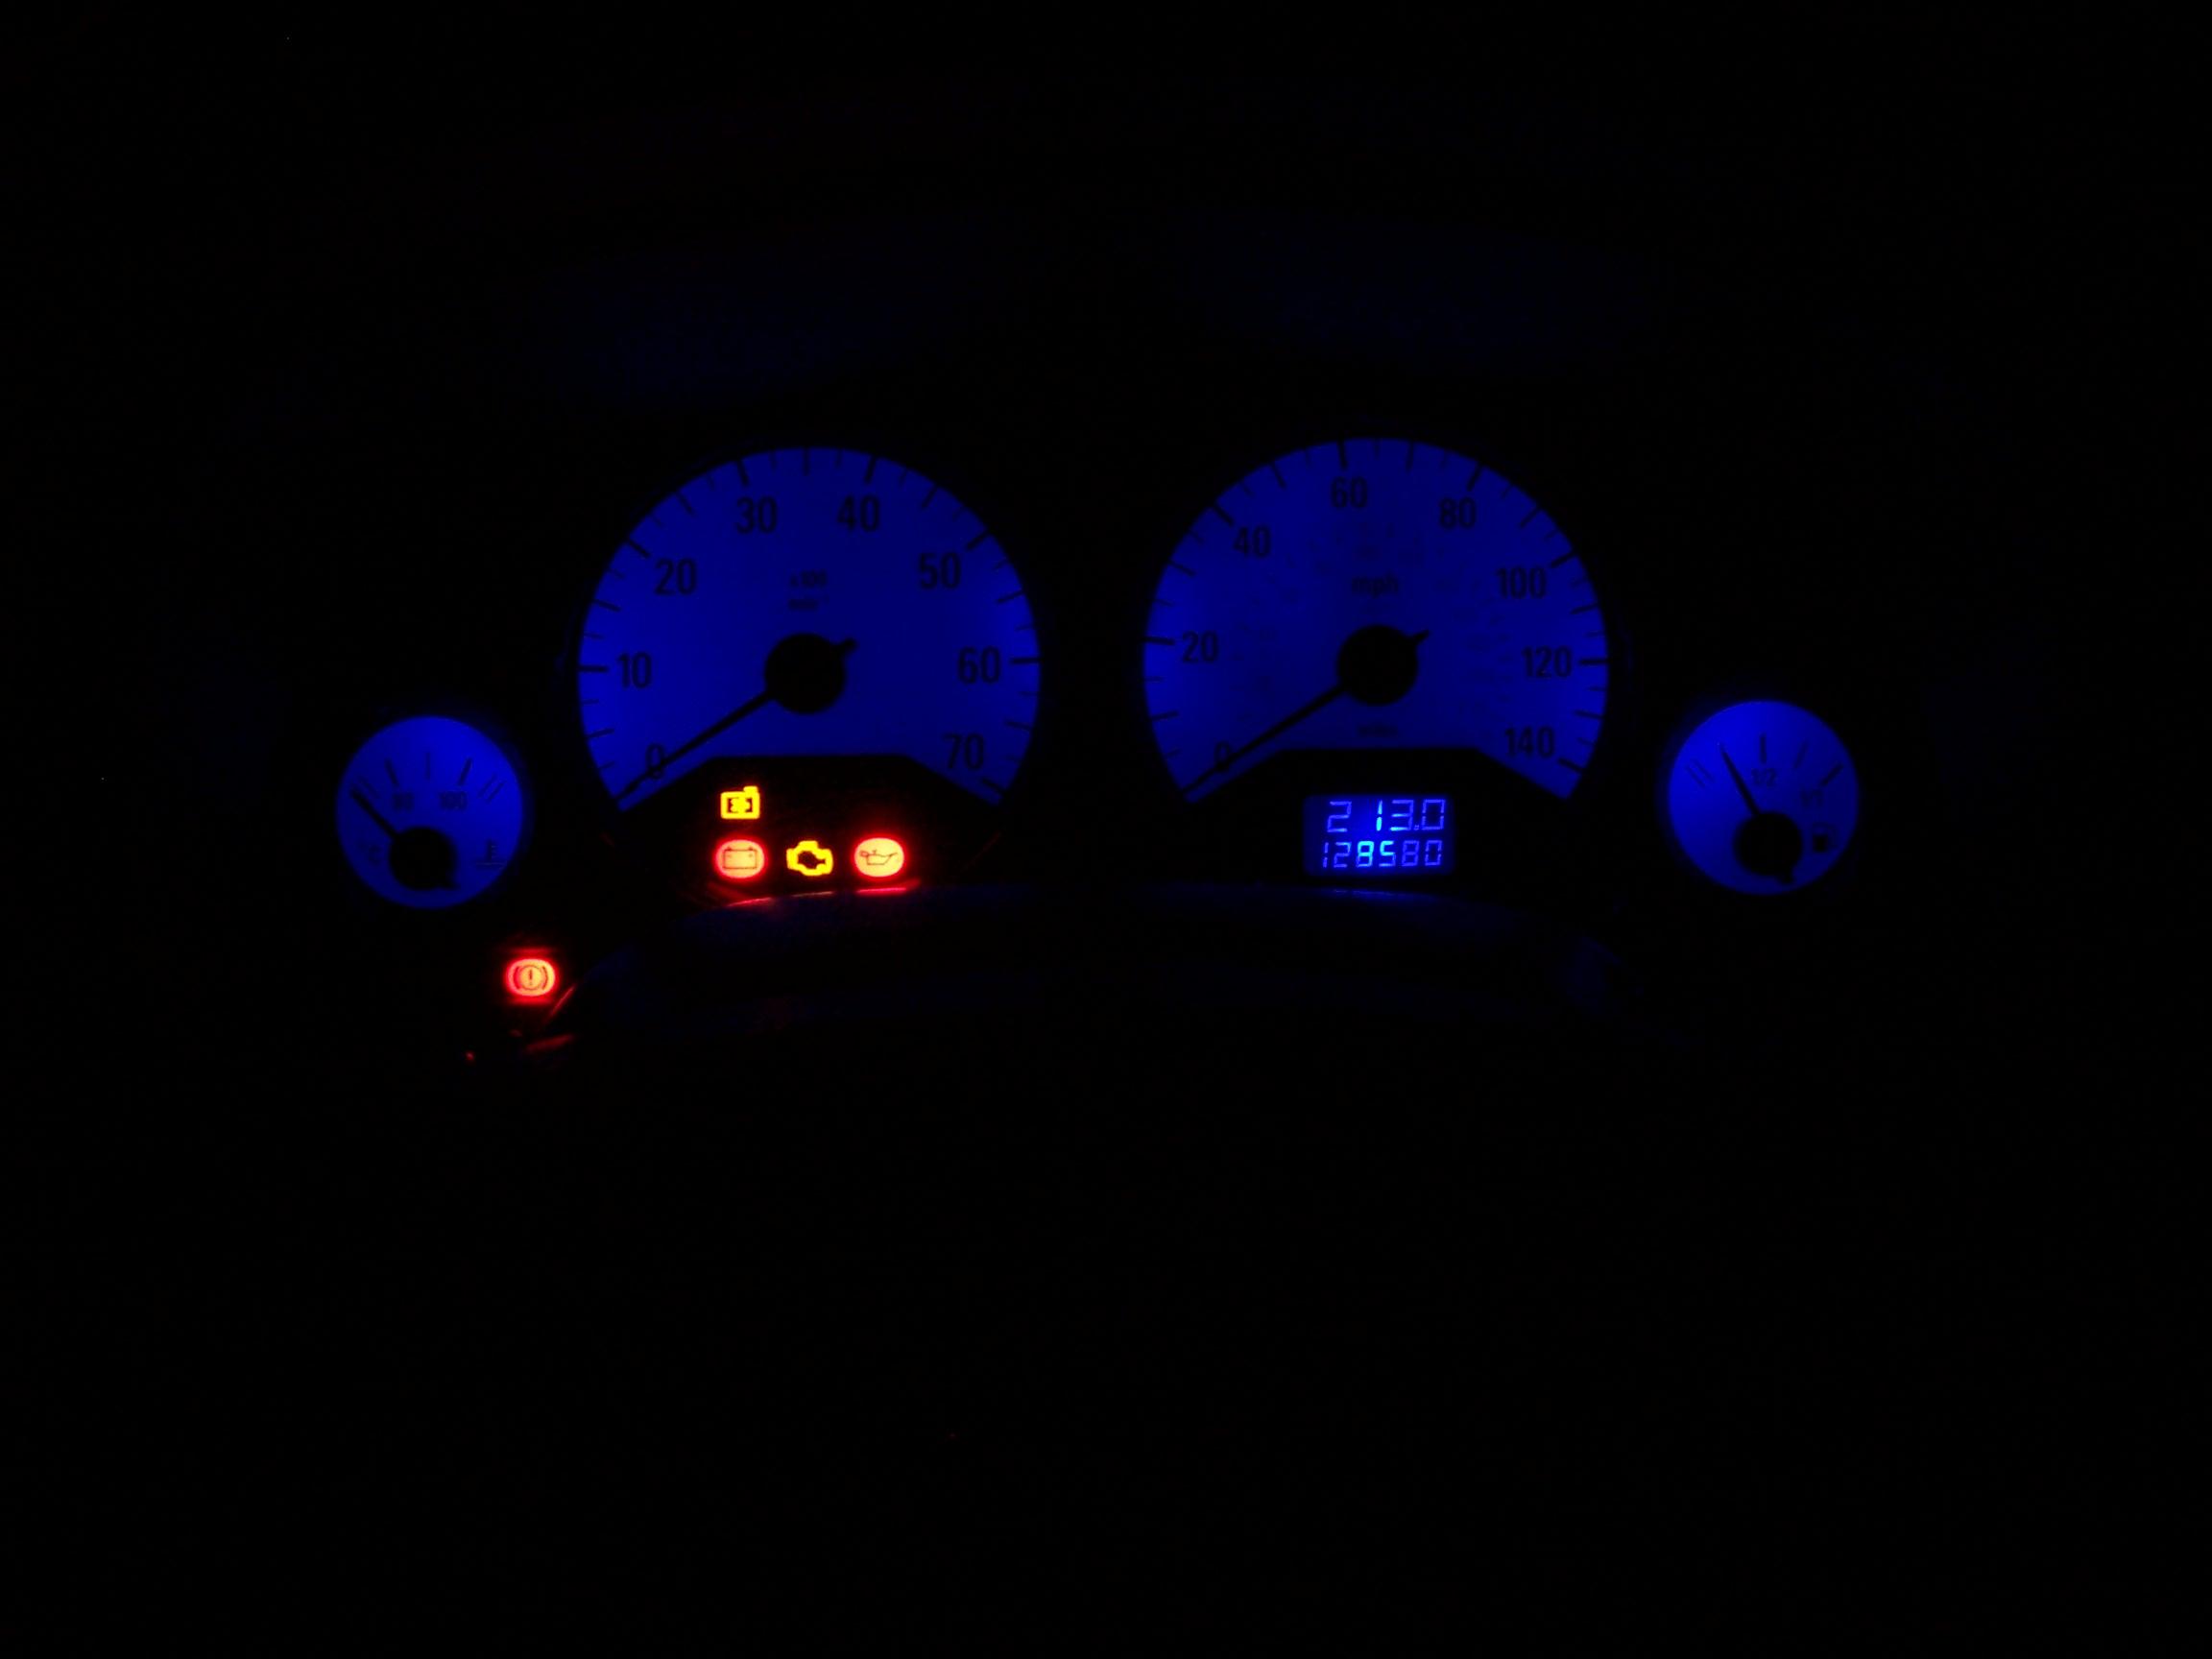 Hệ thống đèn LED trên bảng điều khiển